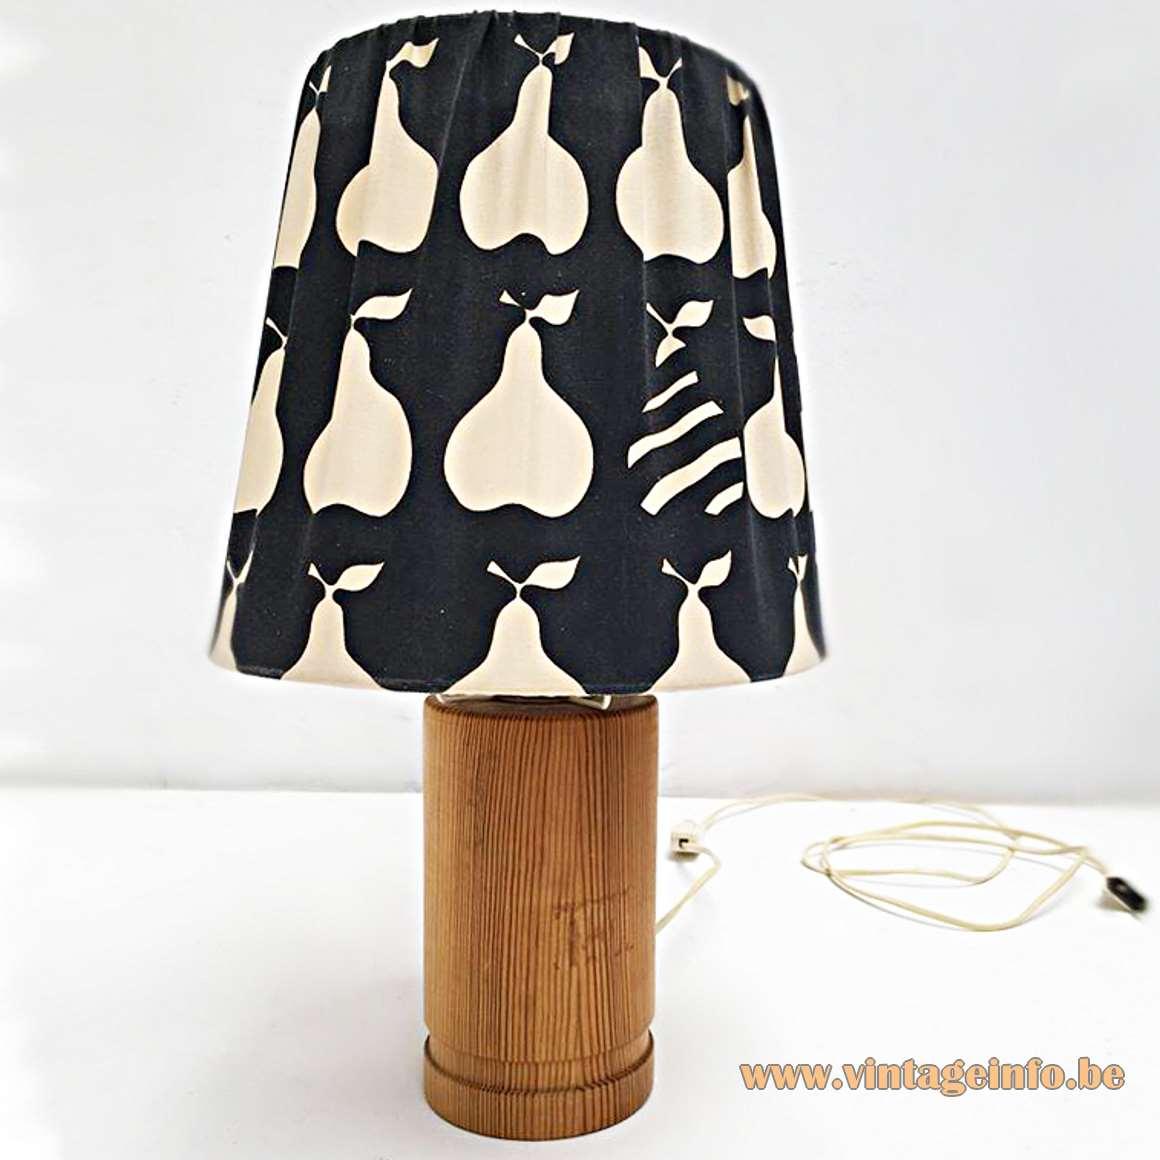 AB Ellysett Table Lamp Designer: Hans-Agne Jakobsson pine wood pop art pear lampshade 1960s MCM